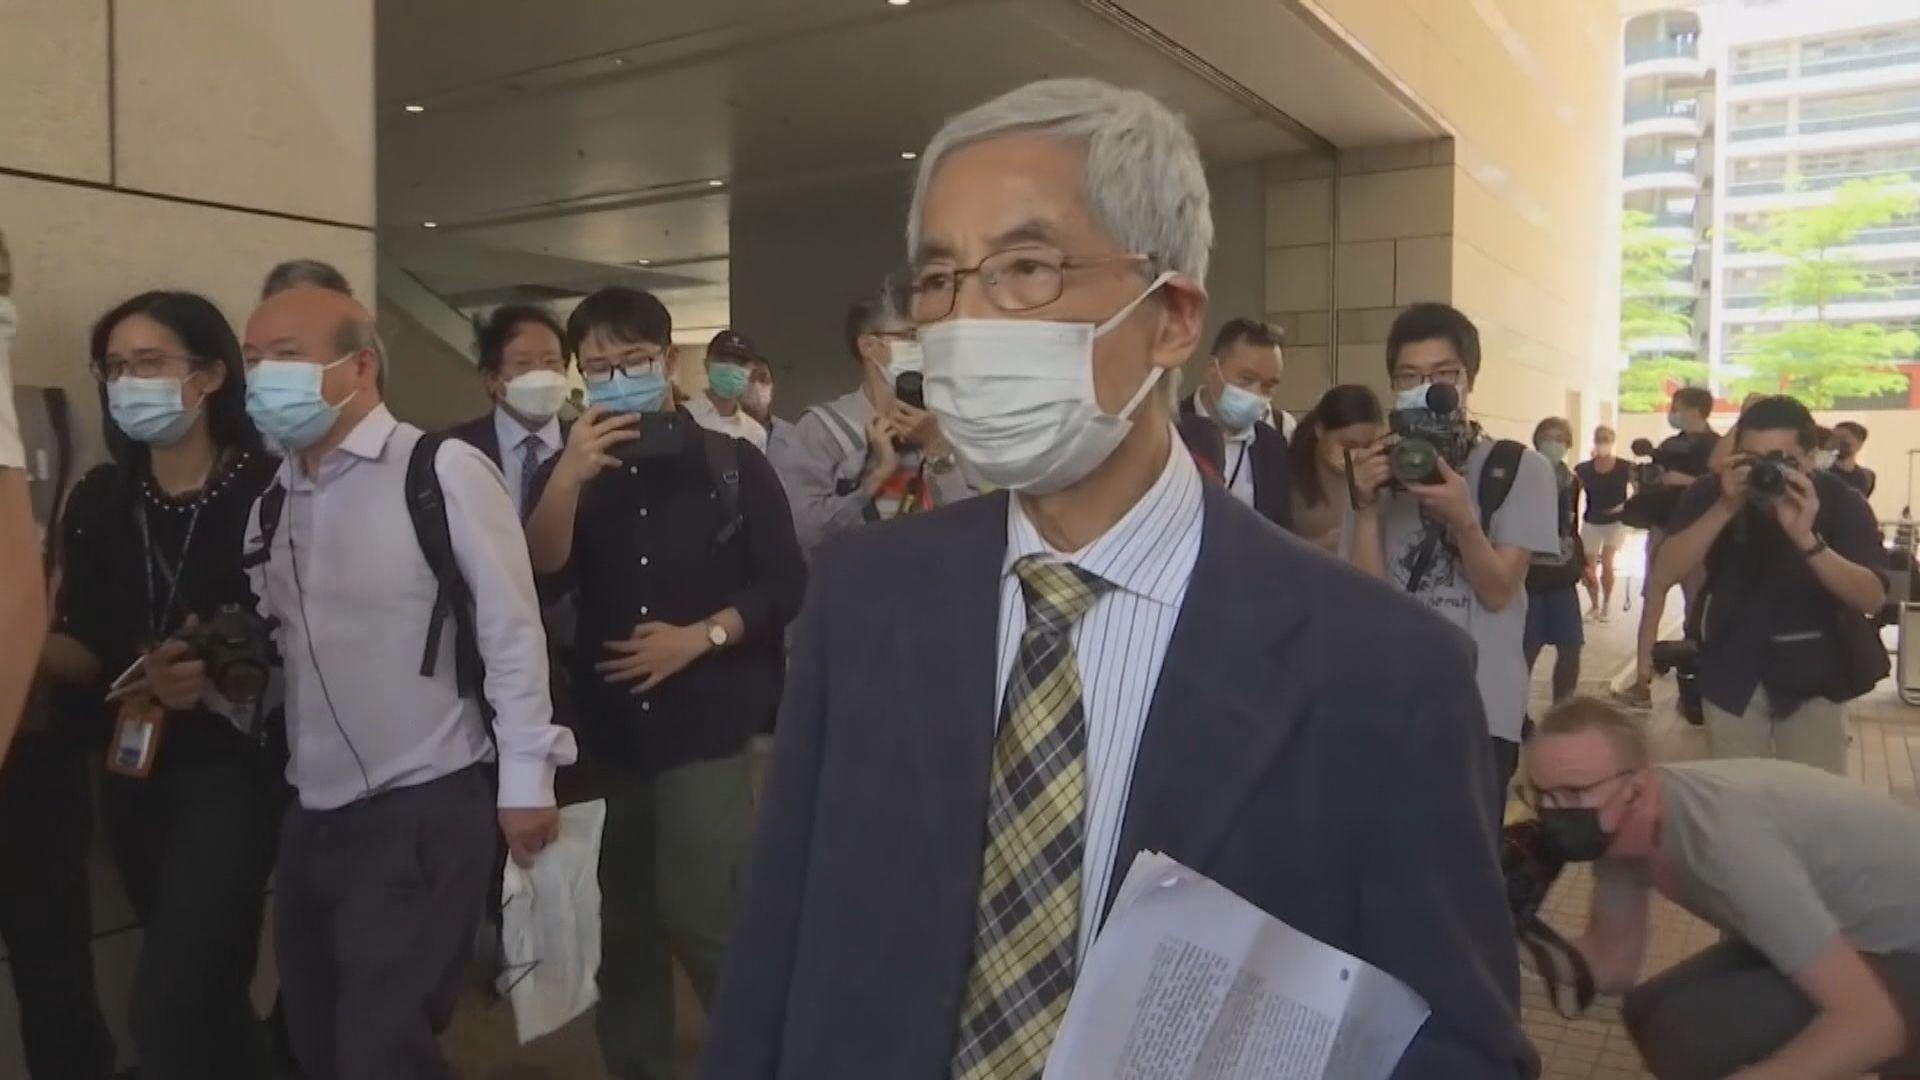 美國稱818案裁決顯示中國蠶食香港的自由